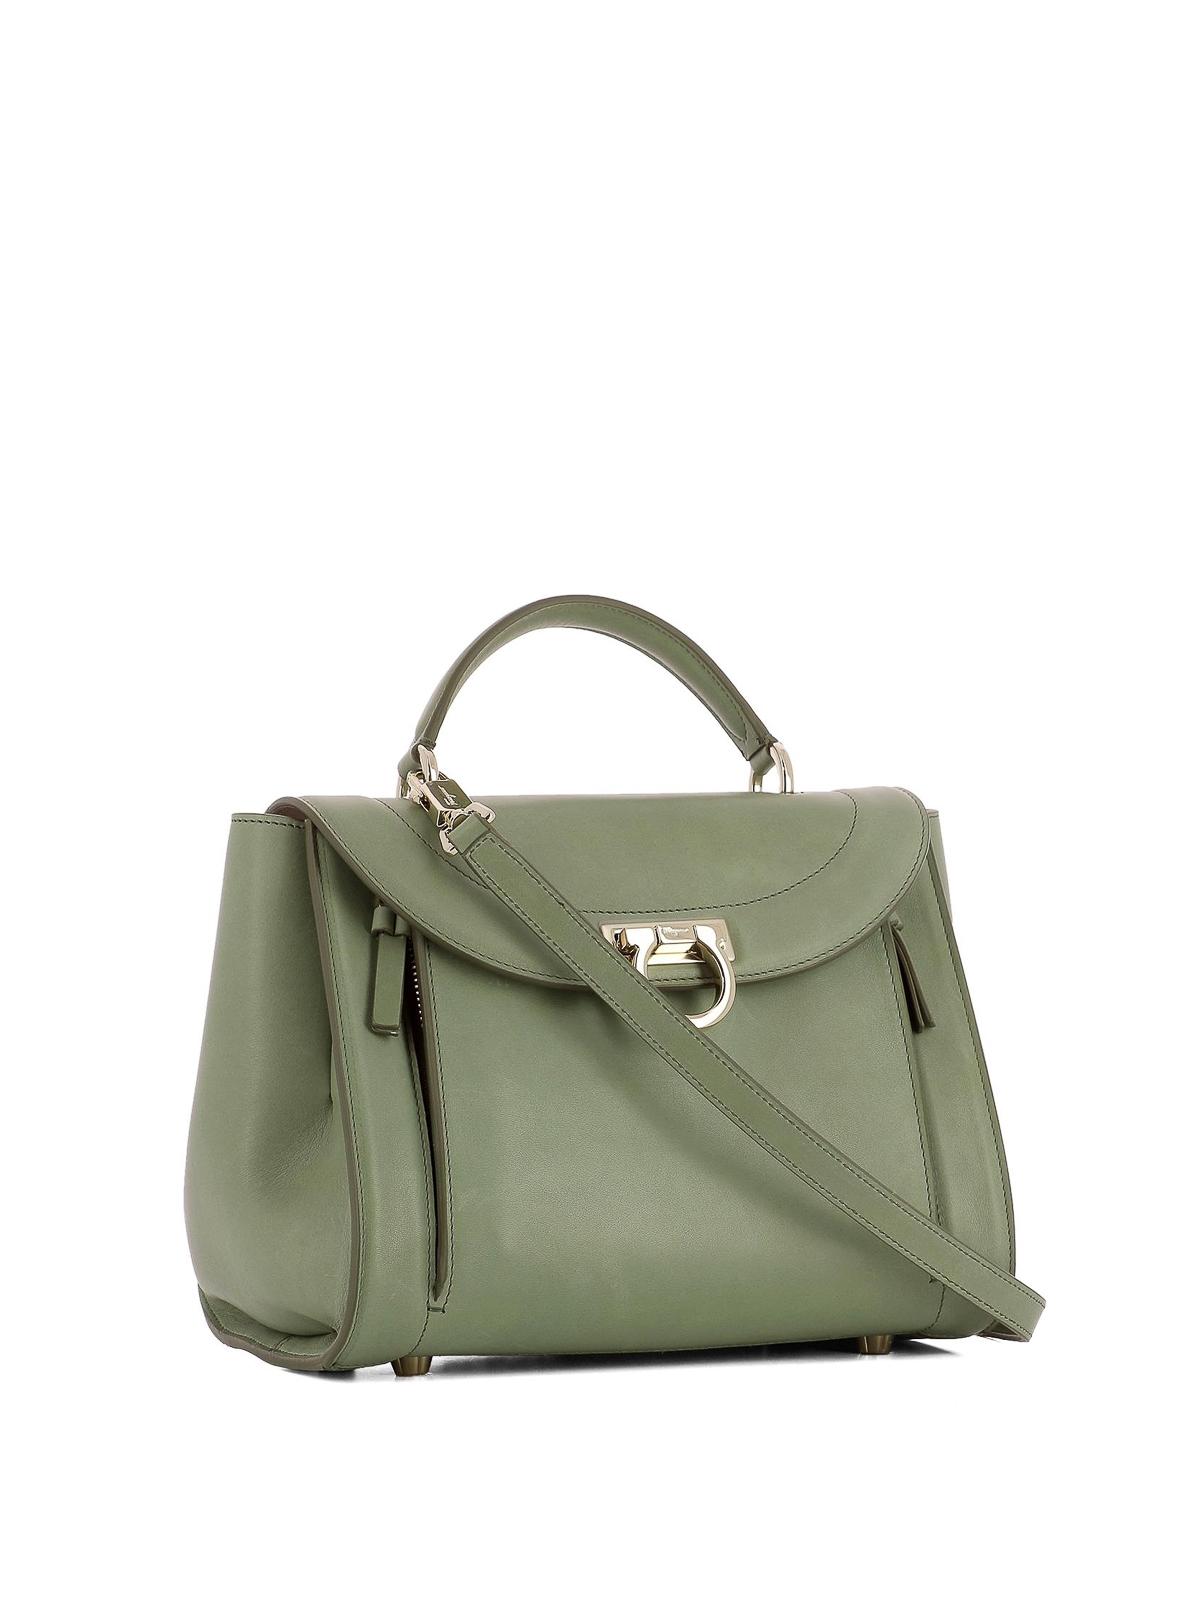 36b16594a2d5 ... SALVATORE FERRAGAMO bowling bags online - Sofia Rainbow small green  handbag new styles 31d69 d91d1 . ...